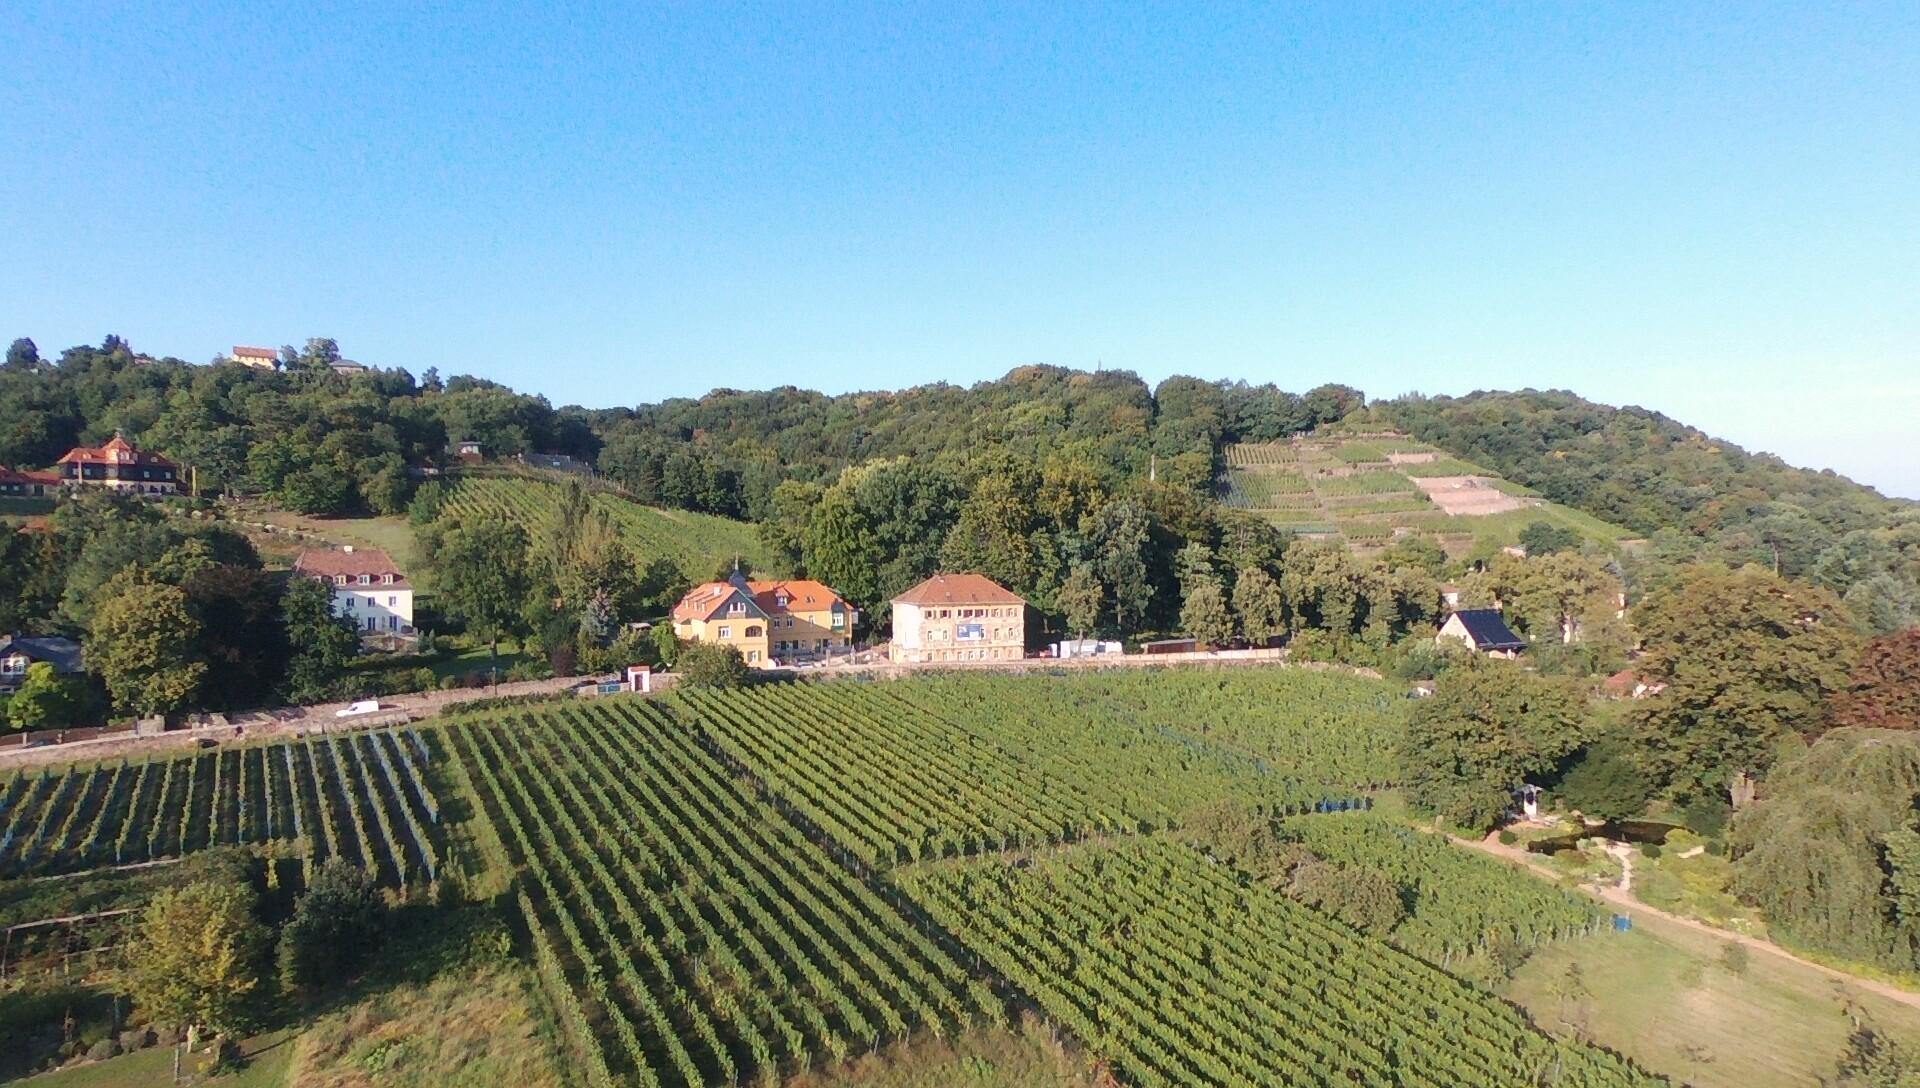 Weingut Haus Steinbach - Vogelperspektive